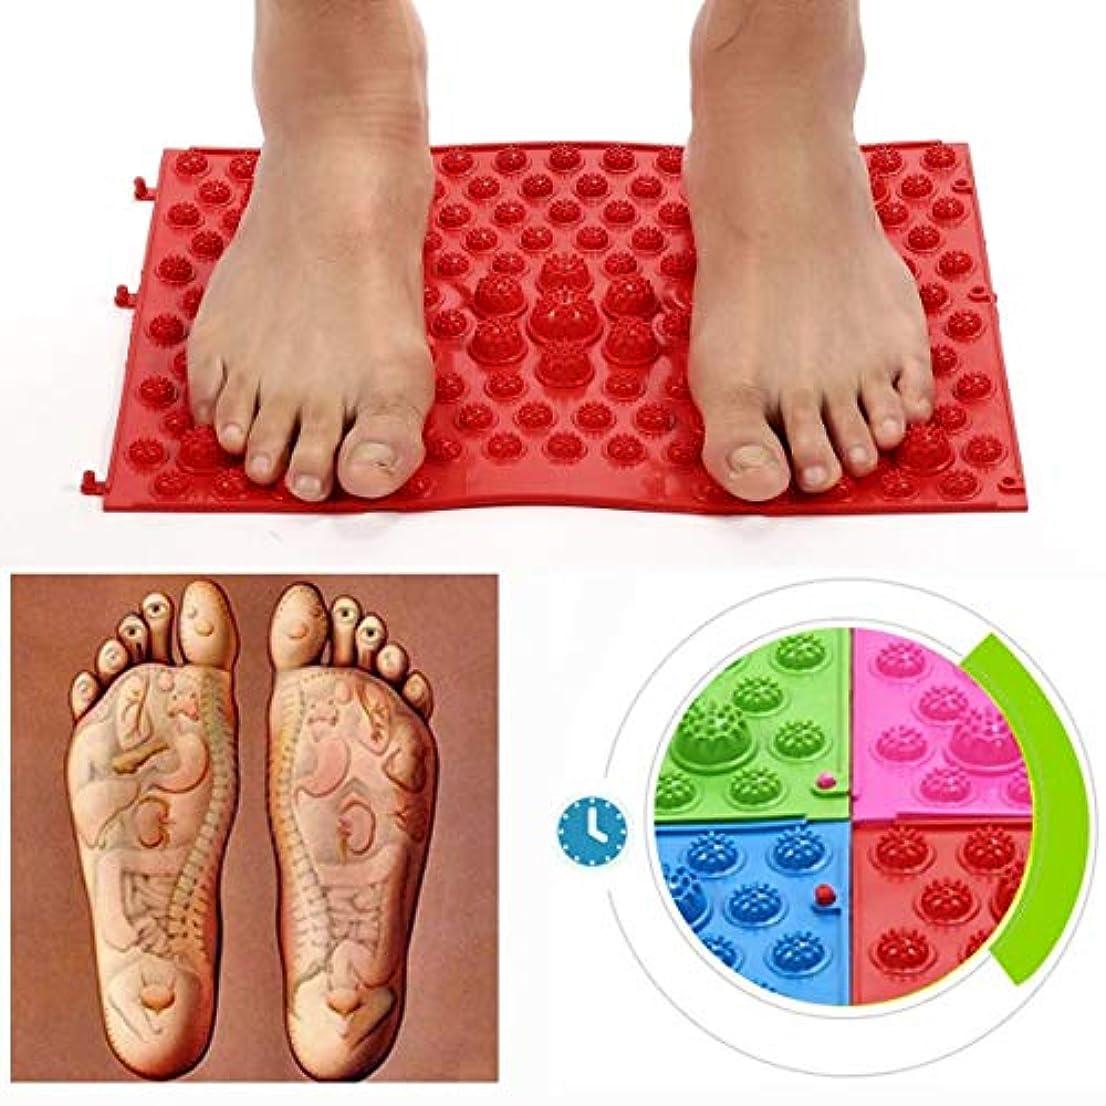 Acupressure Foot Mats Running Man Game Same Type Foot Reflexology Walking Massage Mat for Pain Relief Stress Relief...